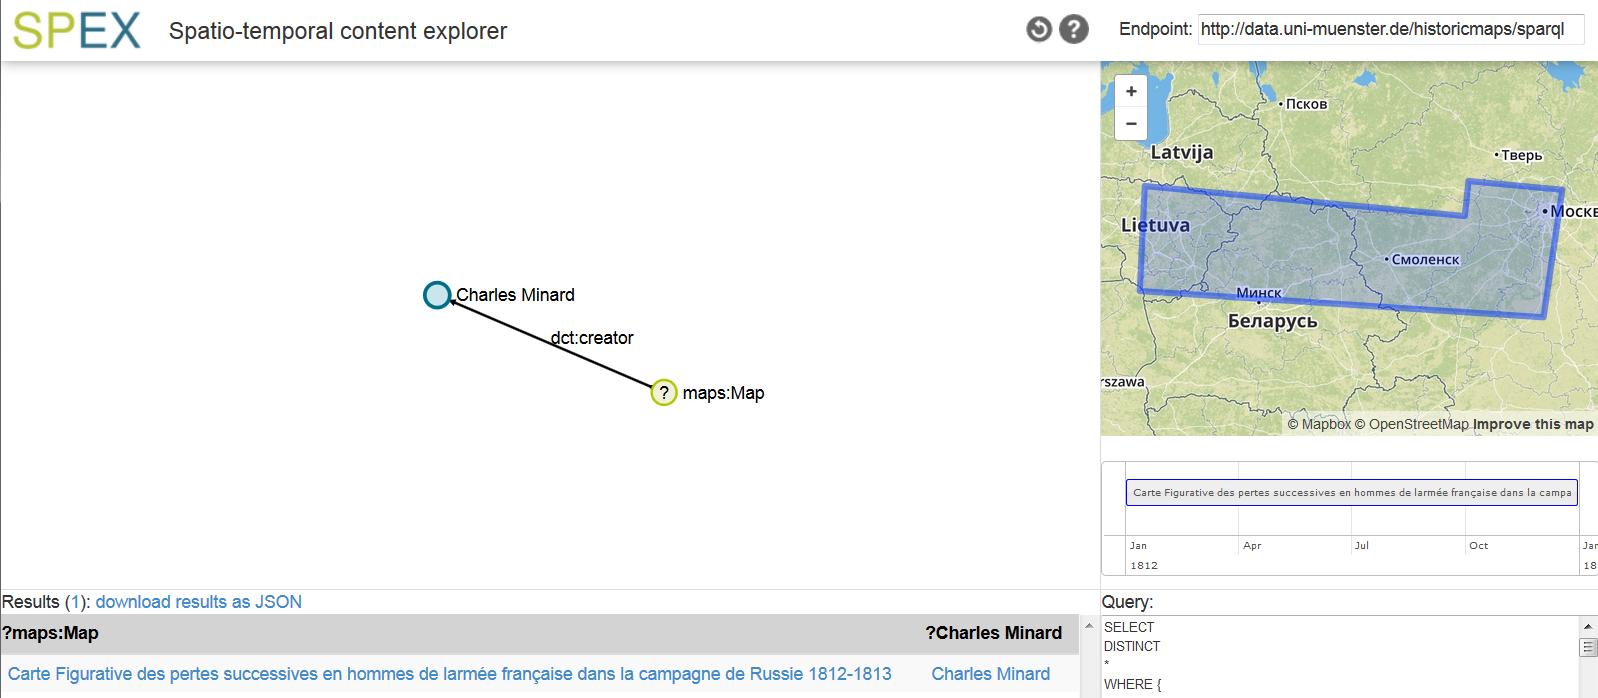 SPEX - Spatio-temporal content explorer